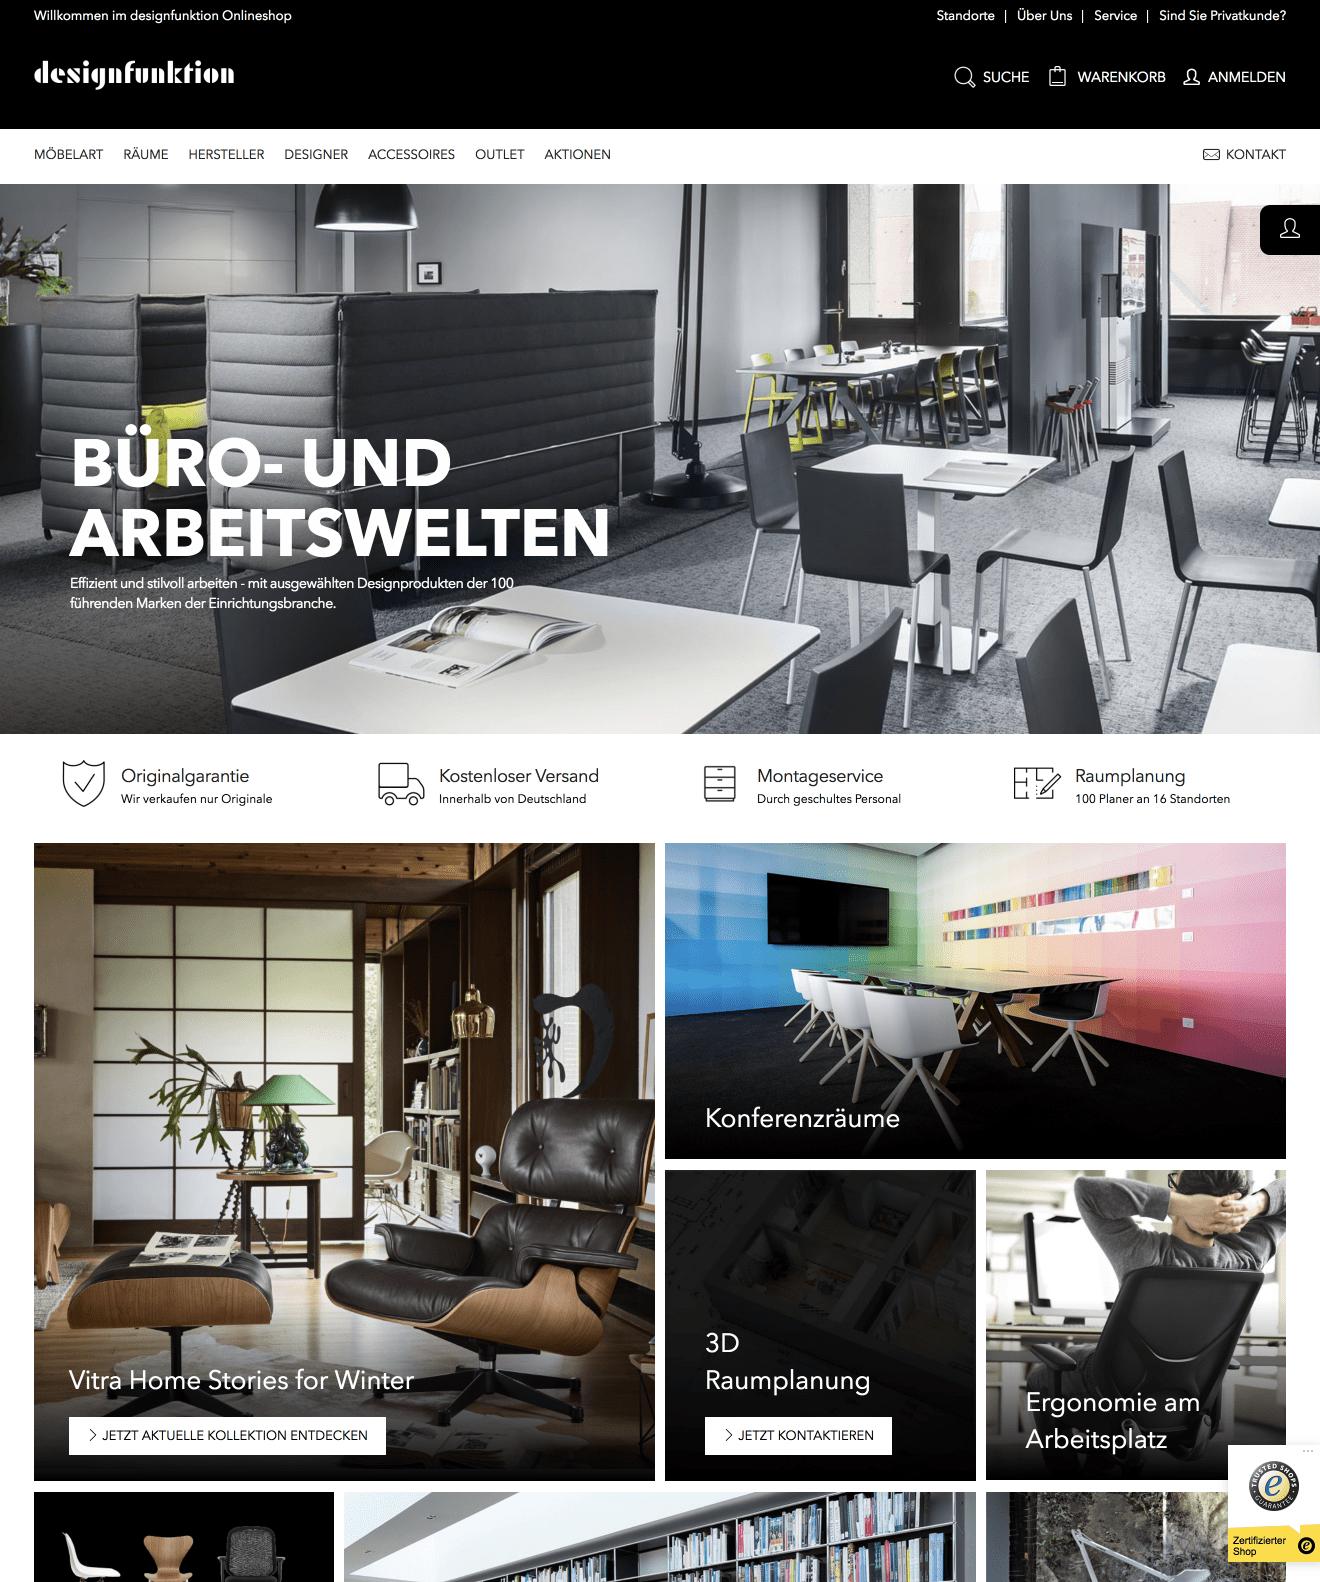 Magento E-Commerce System - Online Shop Relaunch für Designfunktion GmbH 3